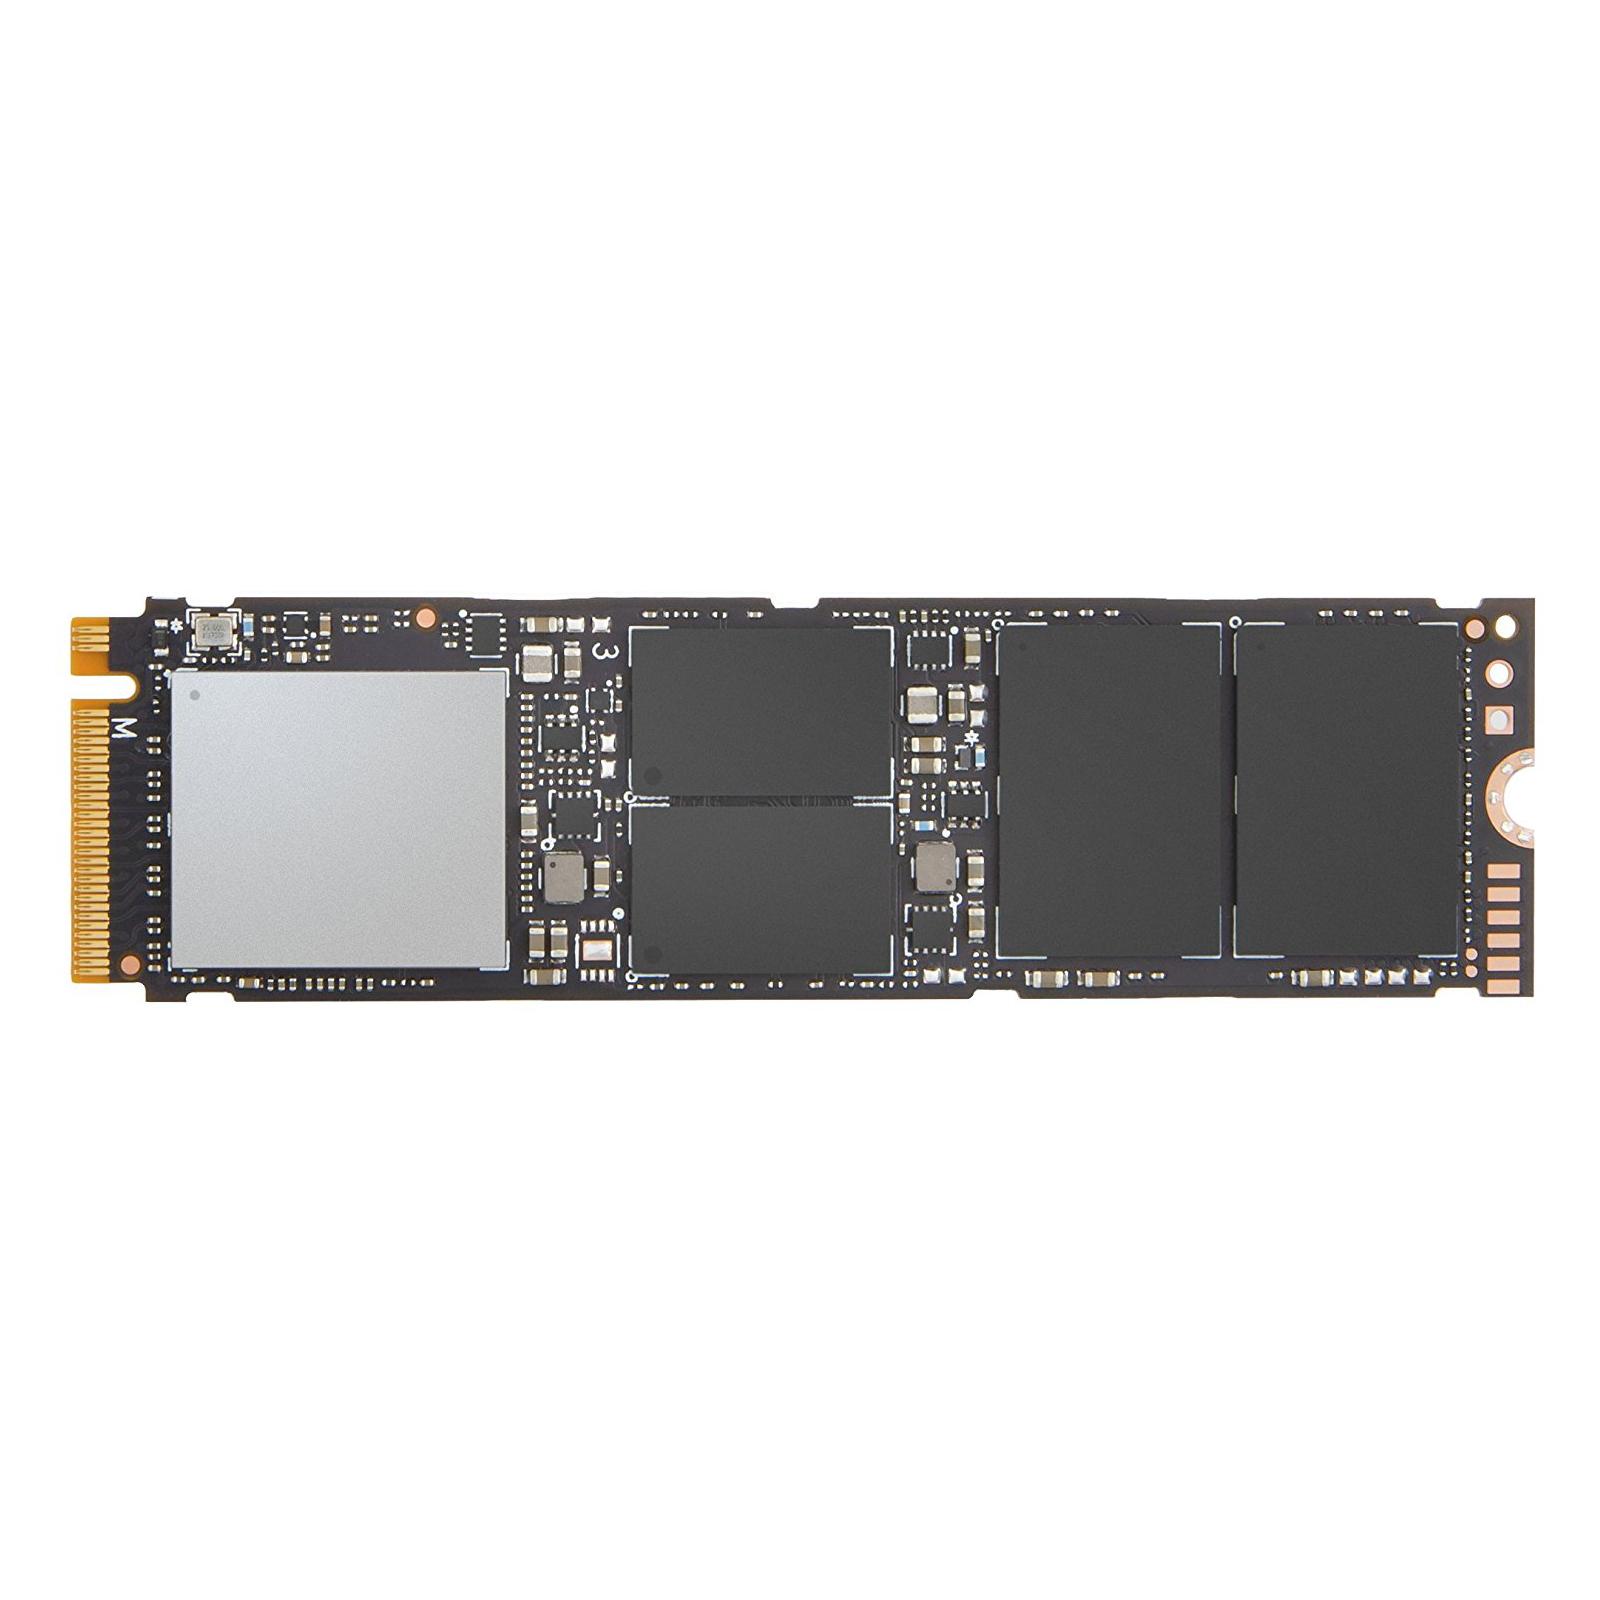 Накопитель SSD M.2 2280 128GB INTEL (SSDPEKKW128G8XT)